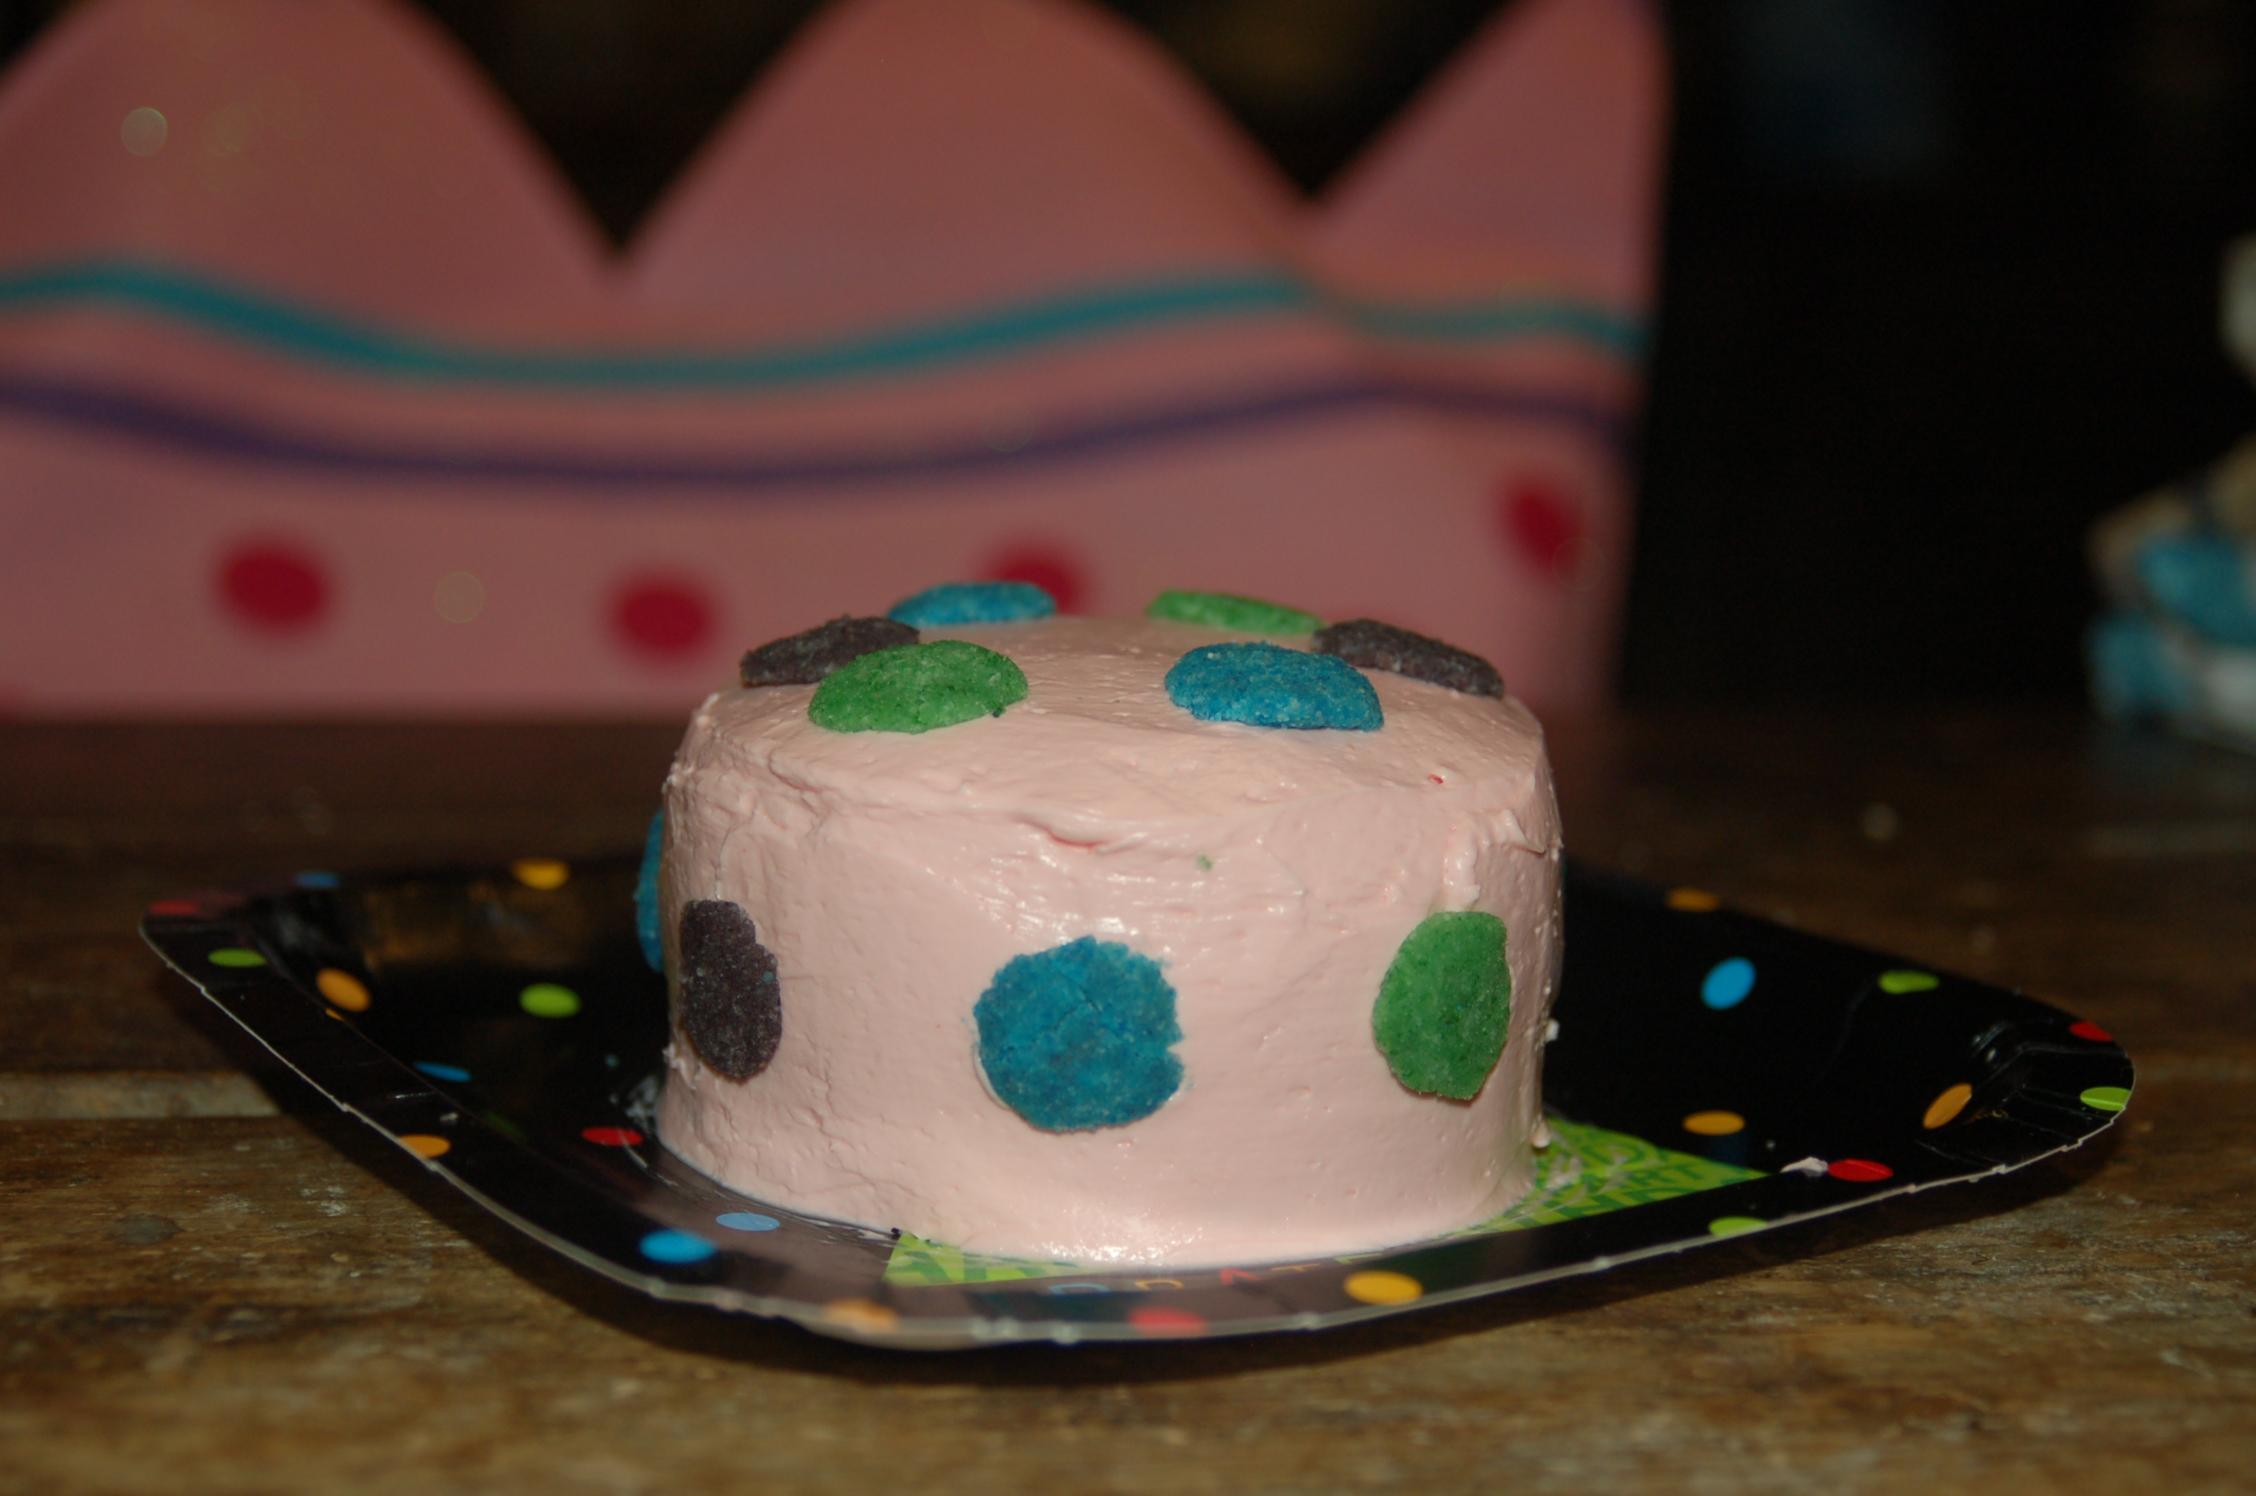 Polka Dotted Birthday Cake (7th Birthday)